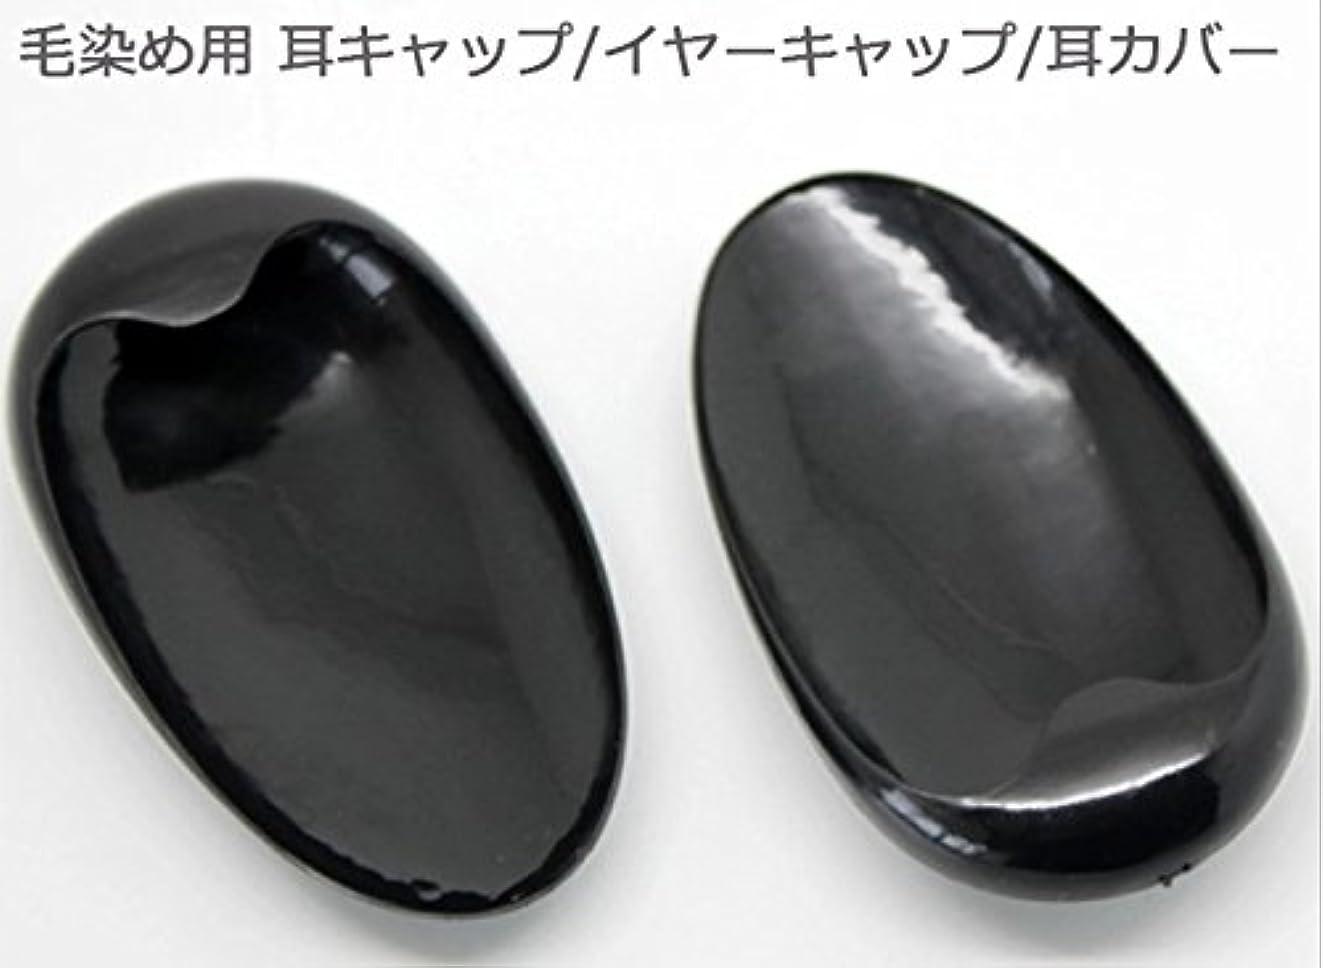 毛染め用 耳キャップ/イヤーキャップ/耳カバー★1組(2個)